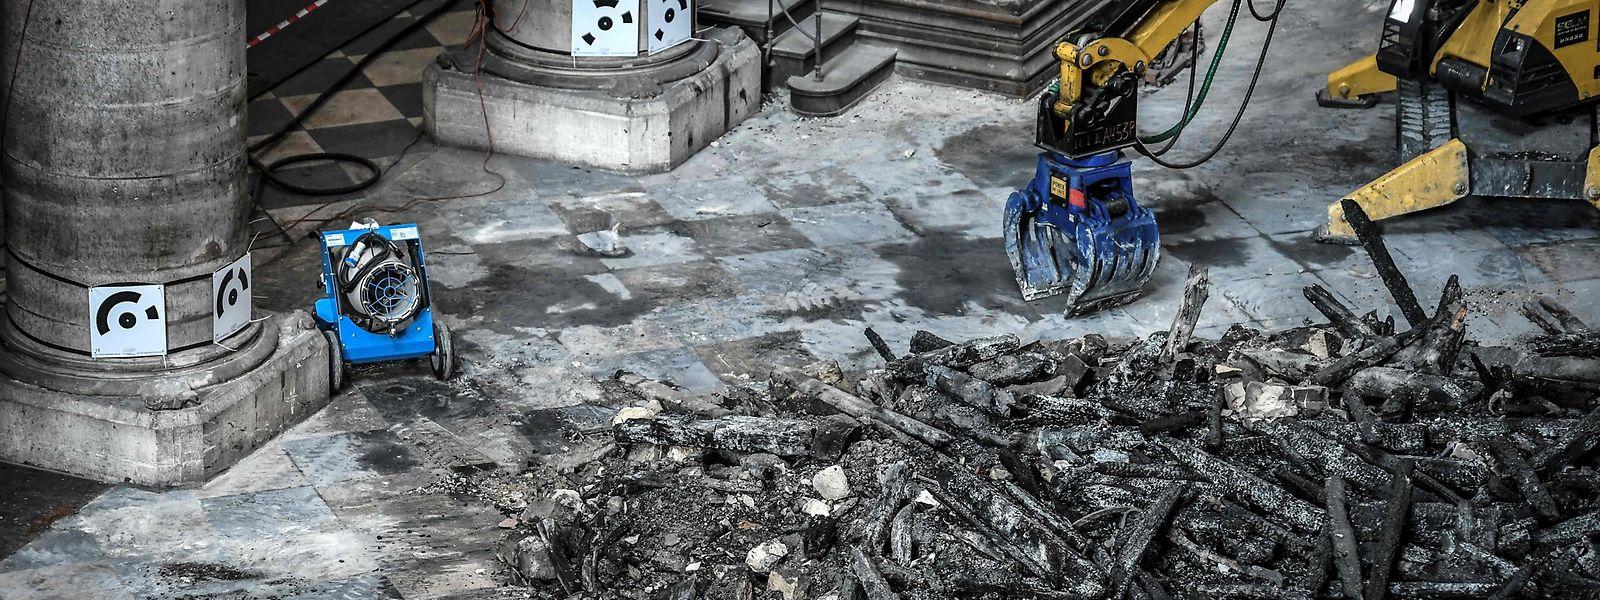 Die Sanierung der vergifteten Gebäude könnte sich weitaus schwieriger gestalten, als gedacht